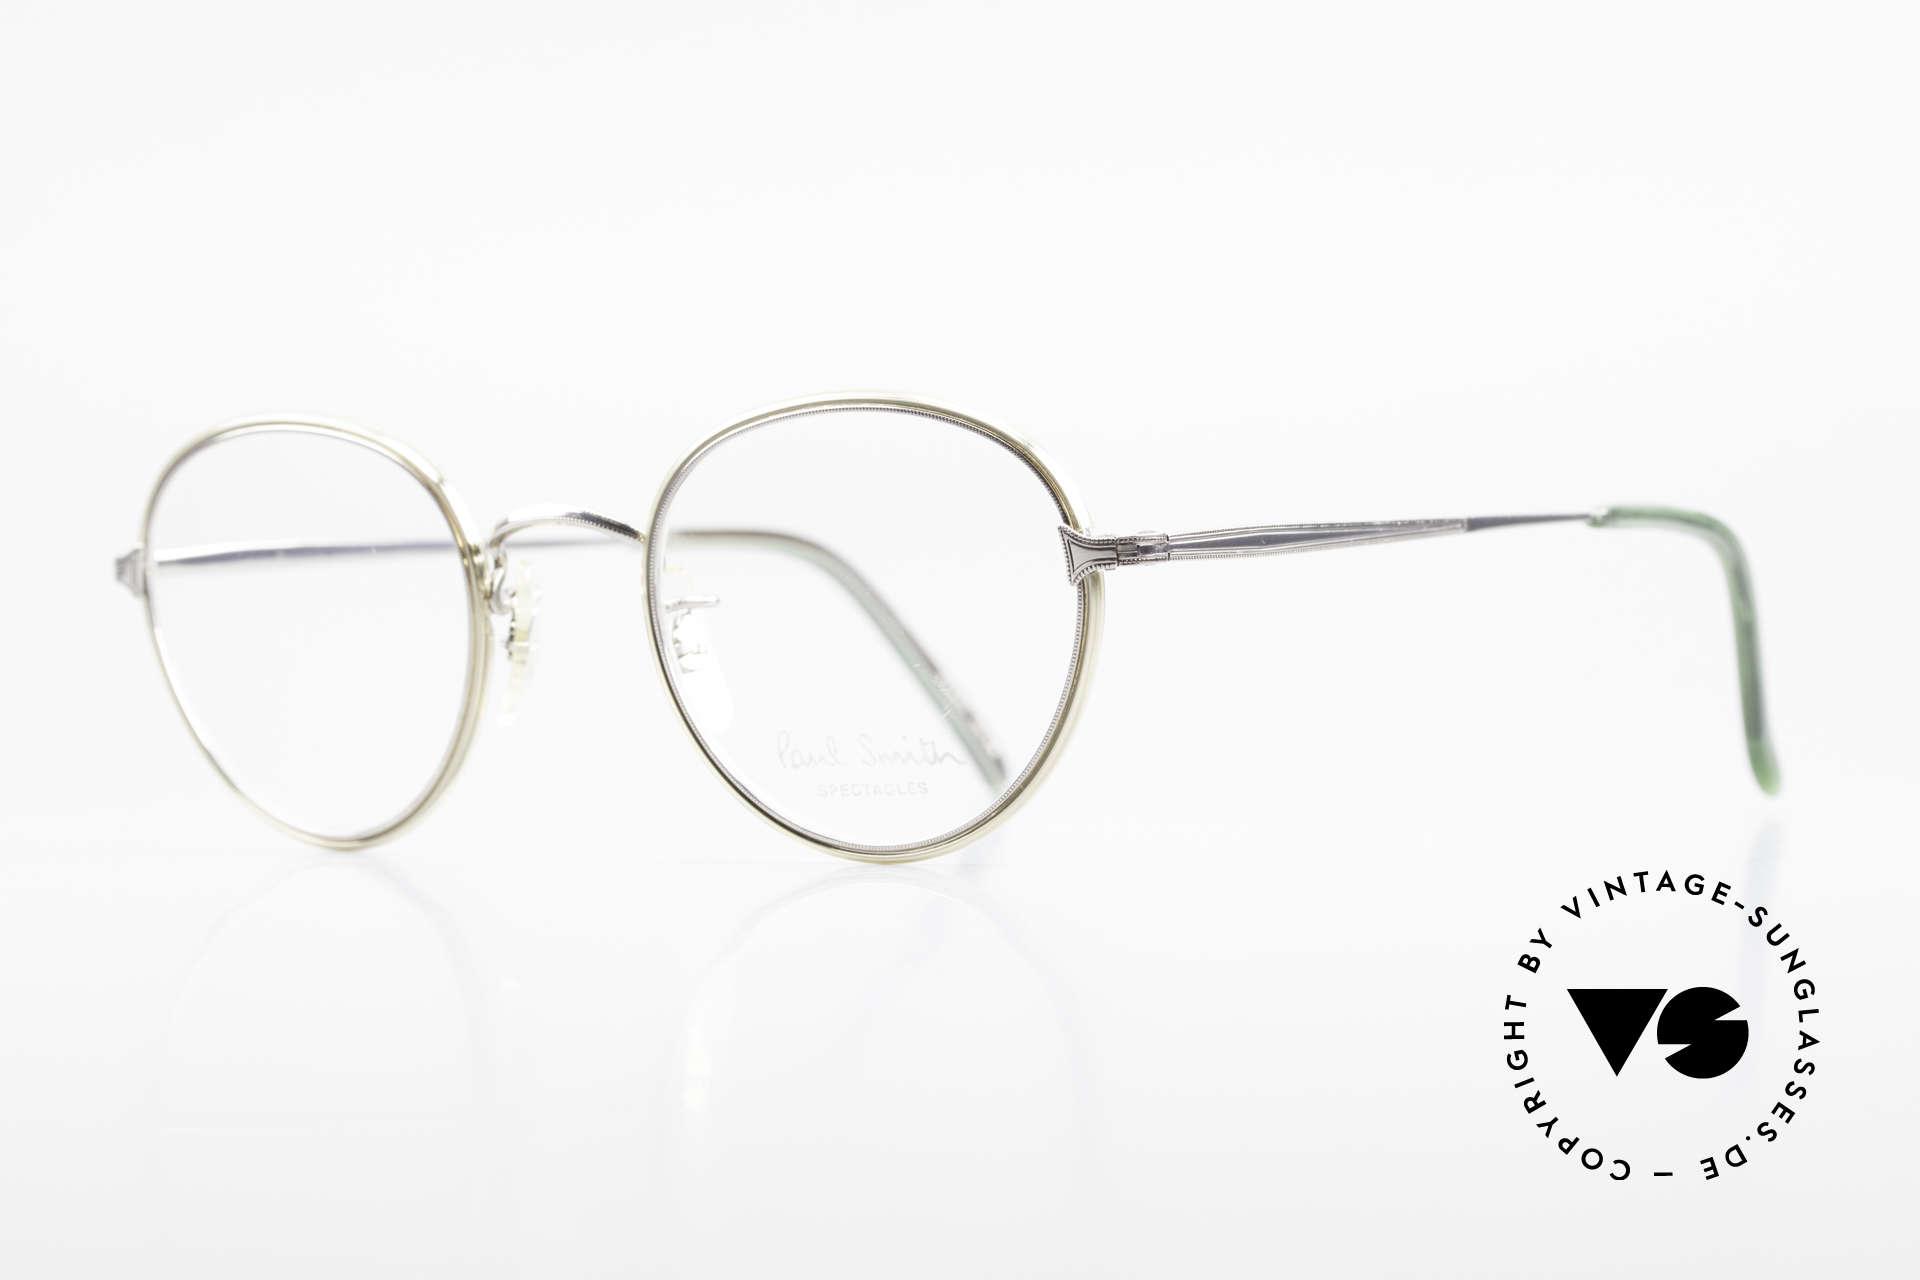 Paul Smith PSR109 80er Pantobrille Altes Original, dieses alte Paul Smith Original ist noch 'made in Japan', Passend für Herren